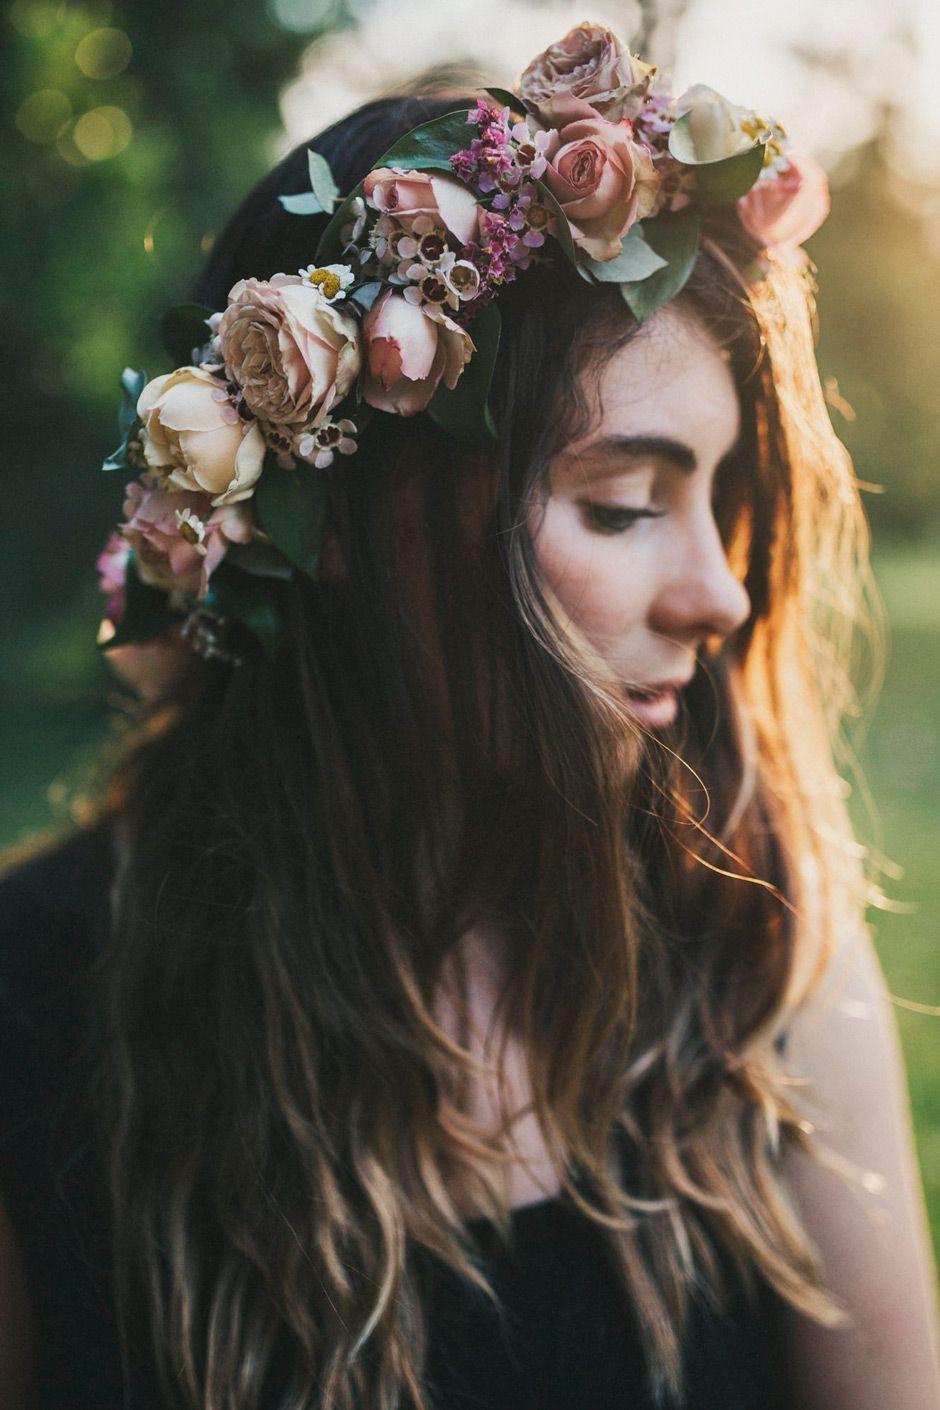 bride-wearing-flower-crown